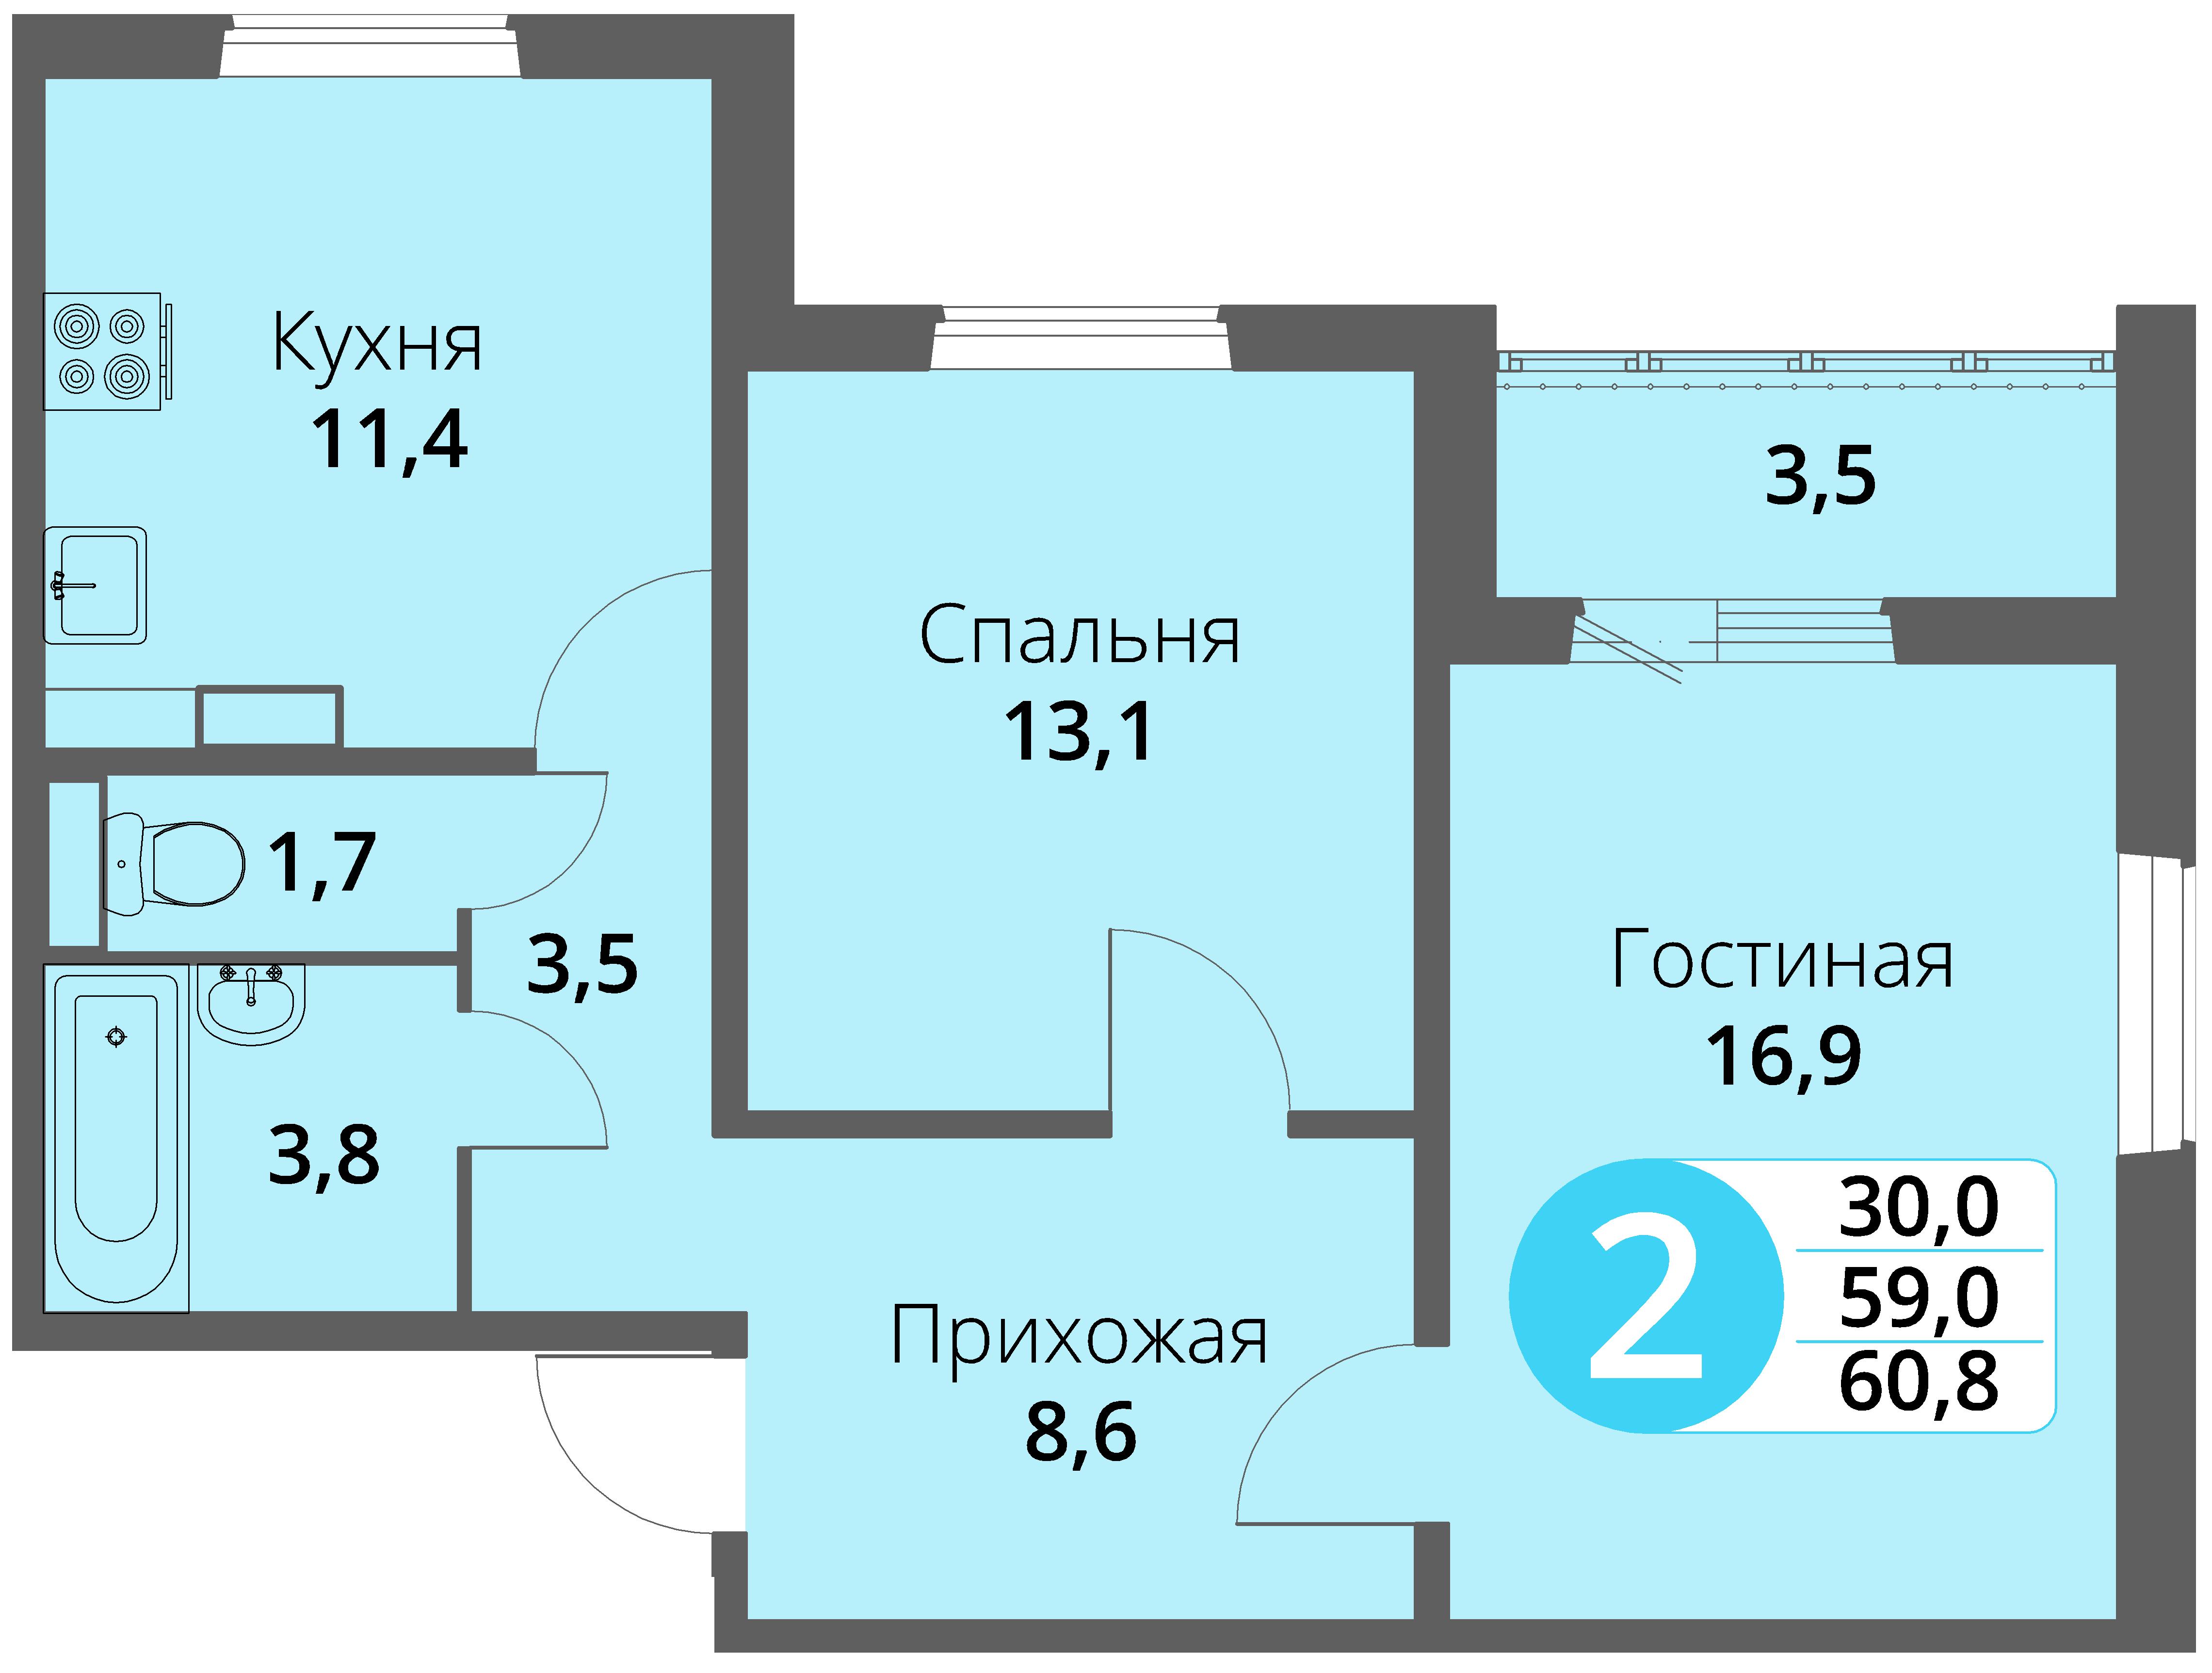 Зареченская 1-1, квартира 46 - Двухкомнатная